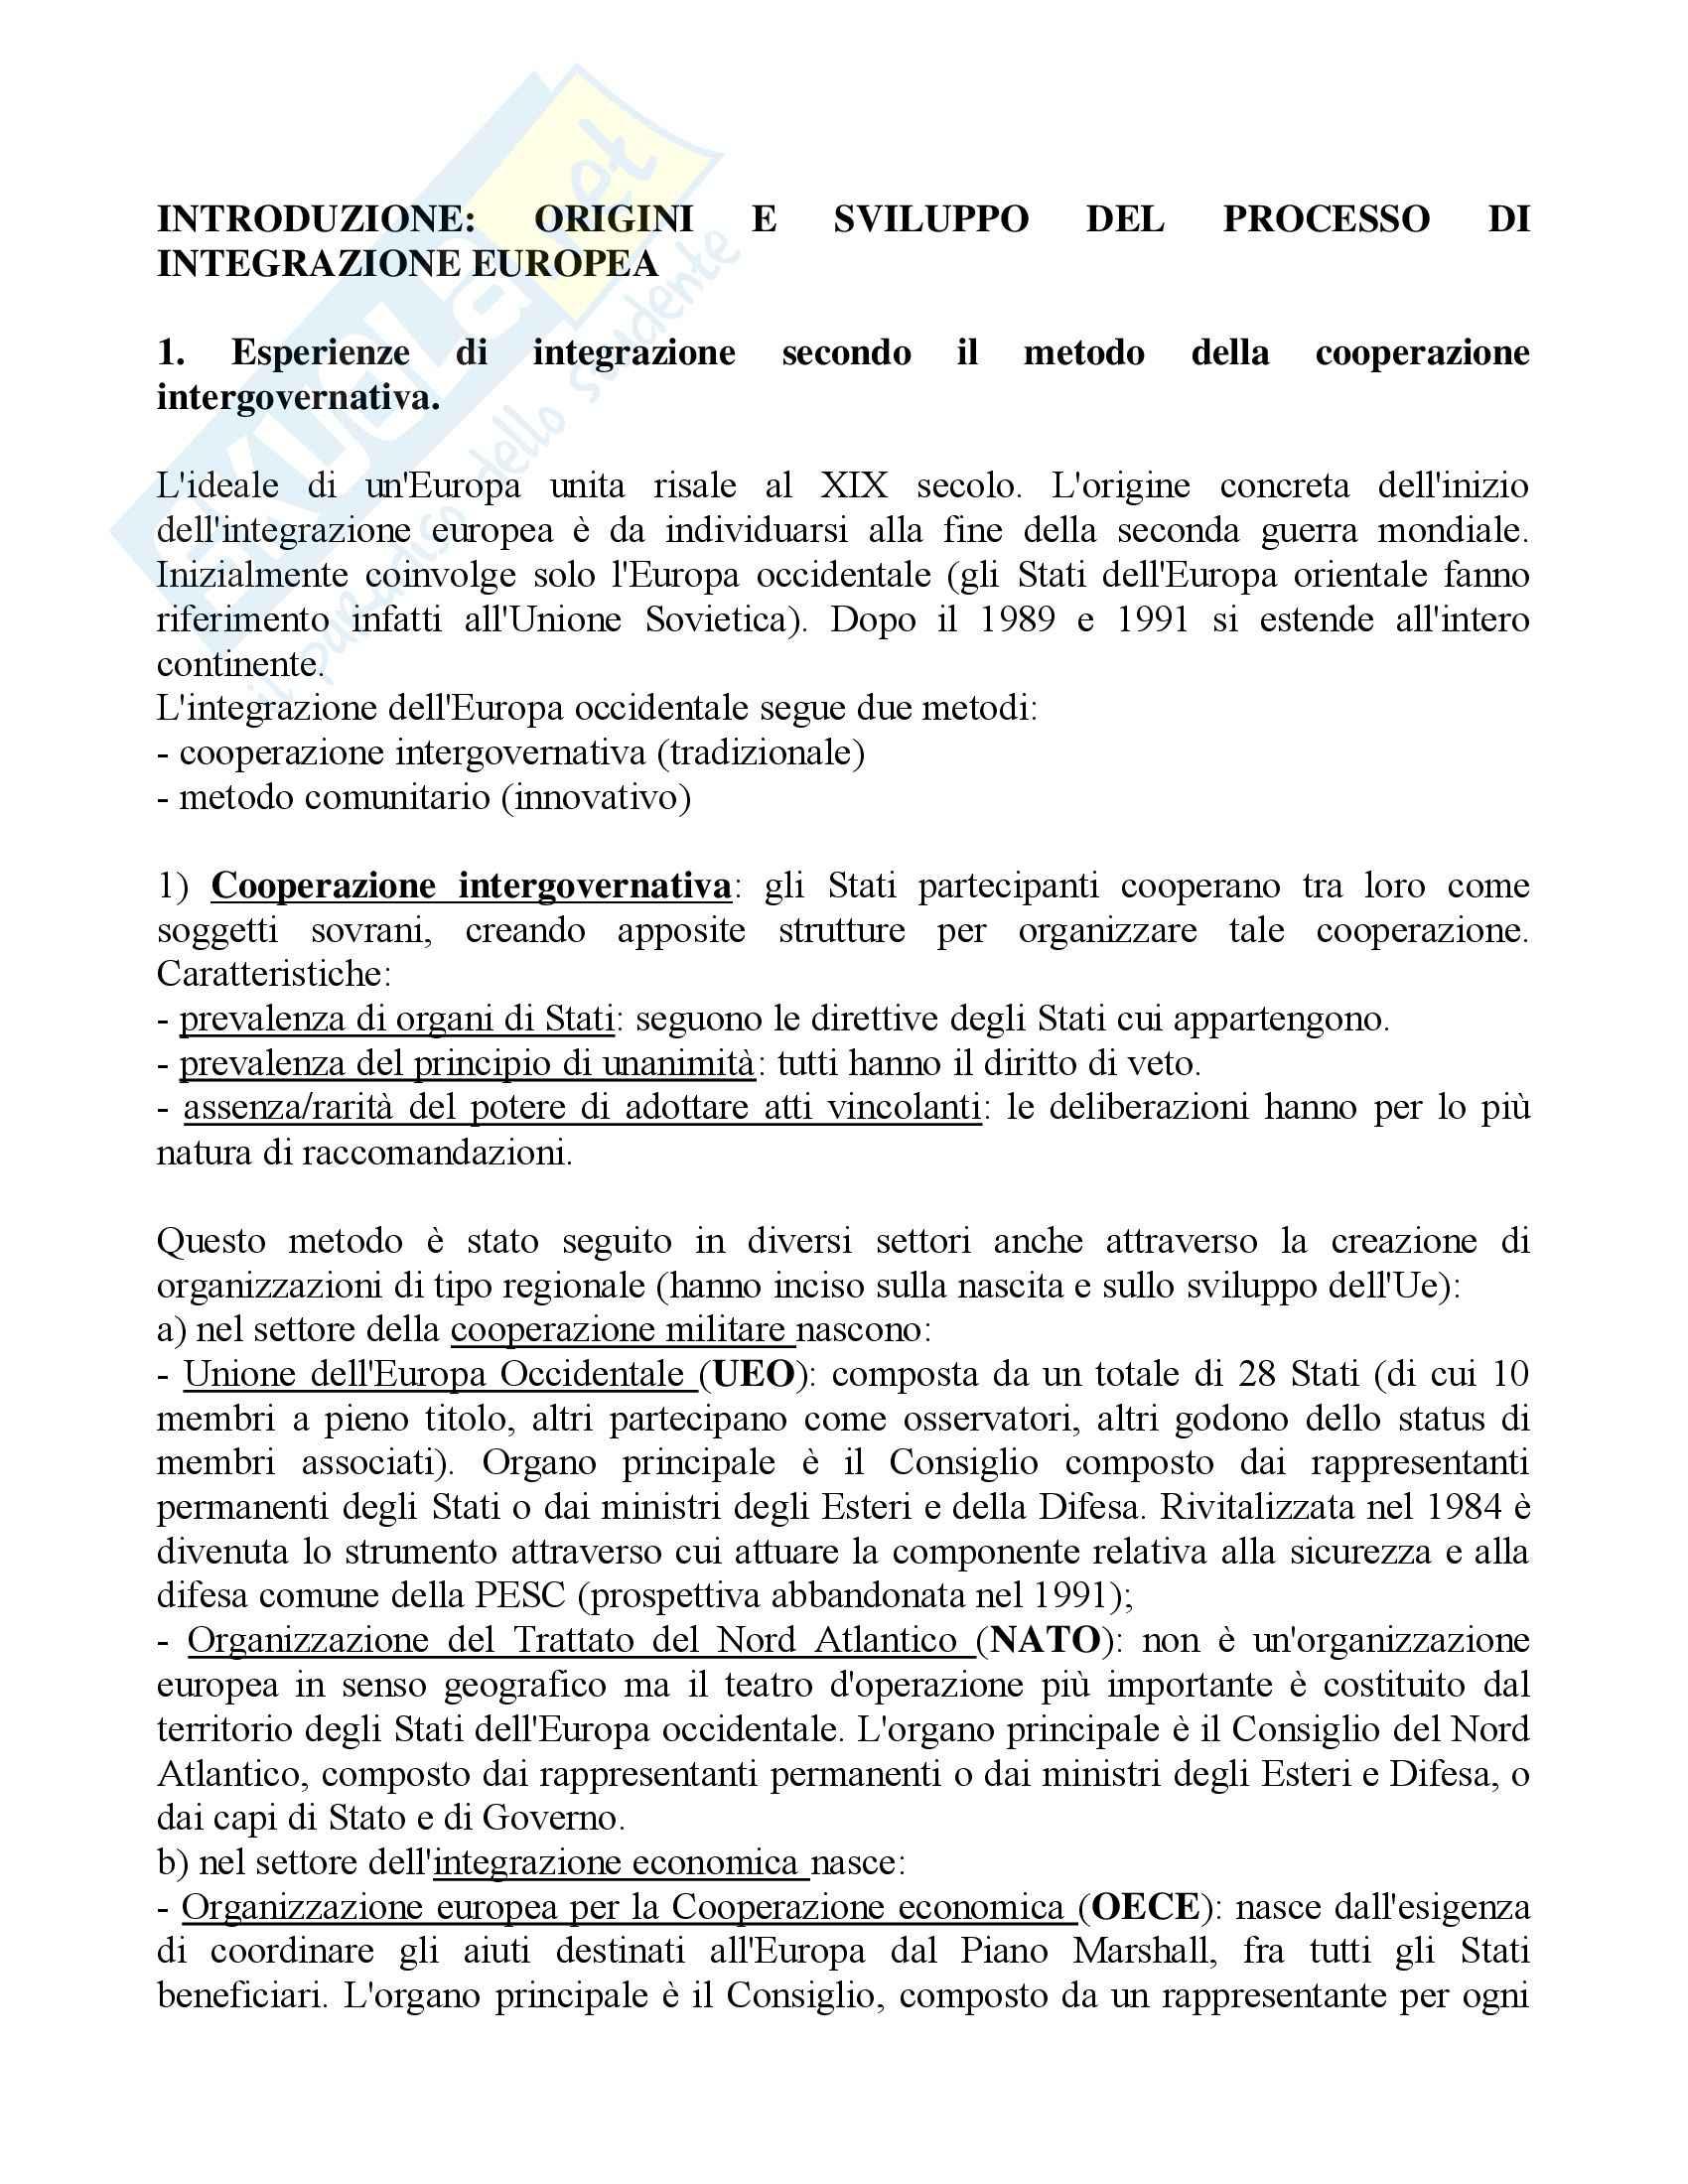 Riassunto esame Diritto dell'Unione Europea, prof. Cortese, libro consigliato Diritto dell'Unione Europea, Daniele